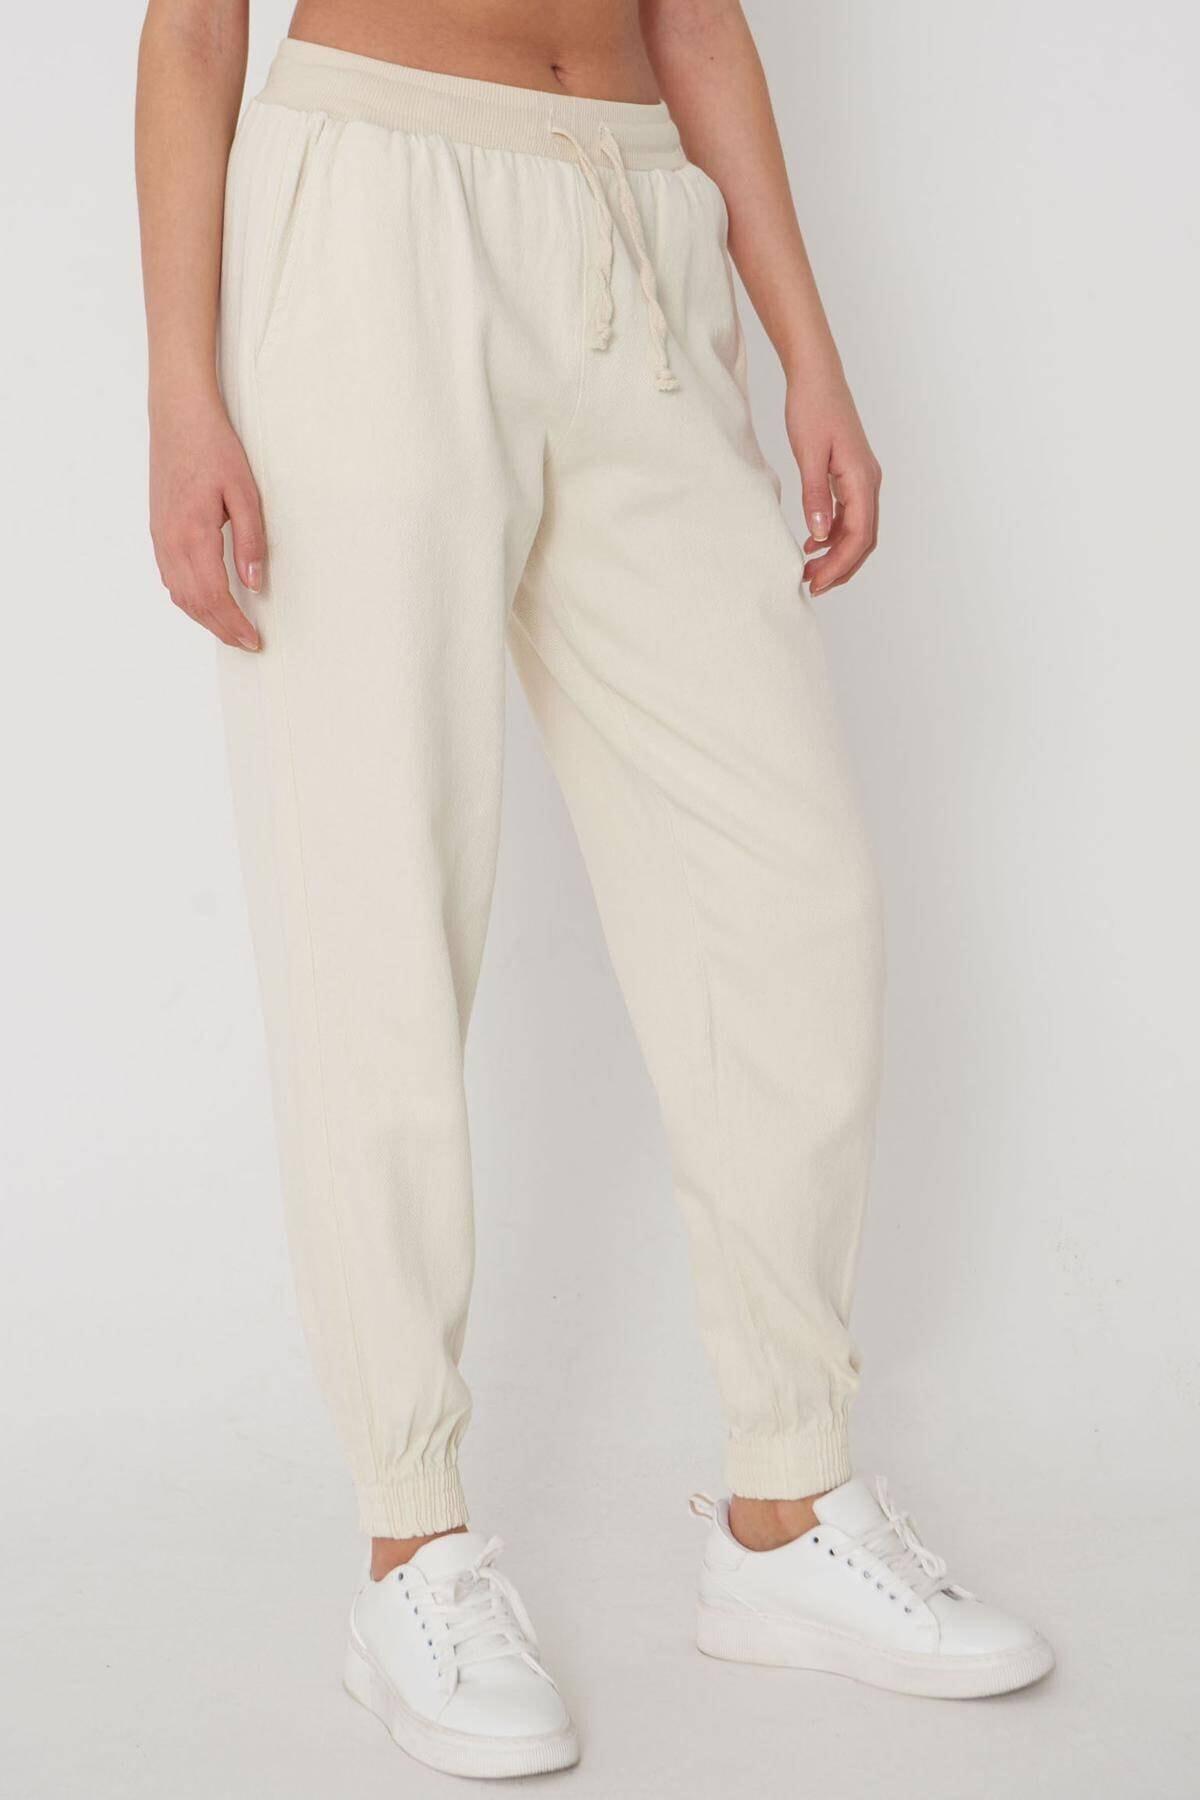 Addax Paçası Lastikli Pantolon Pn01-072 - W3 1